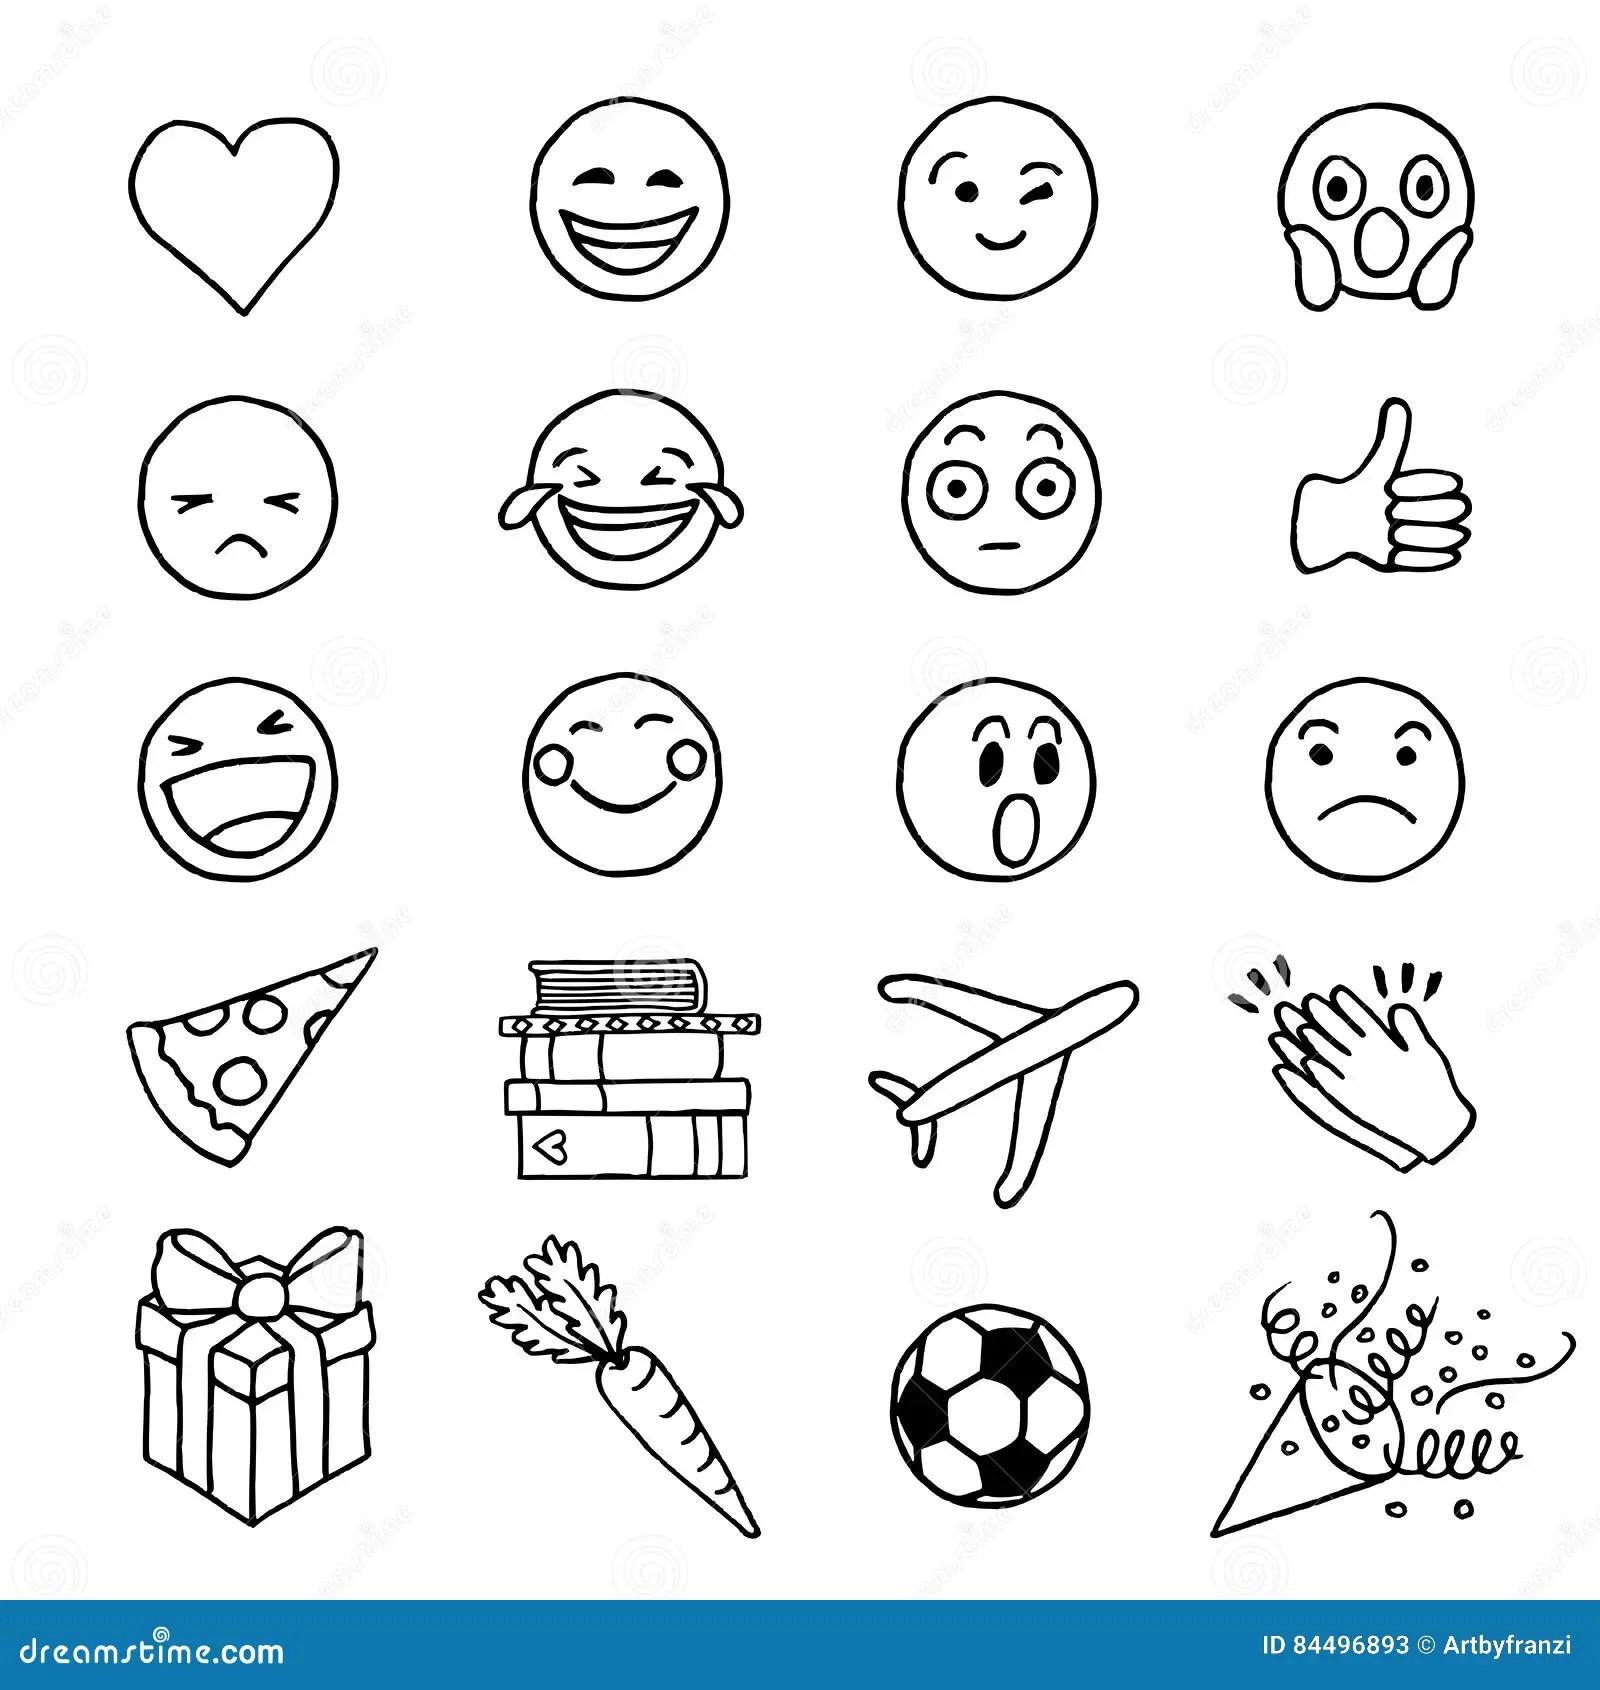 Feelings Coloring Worksheet